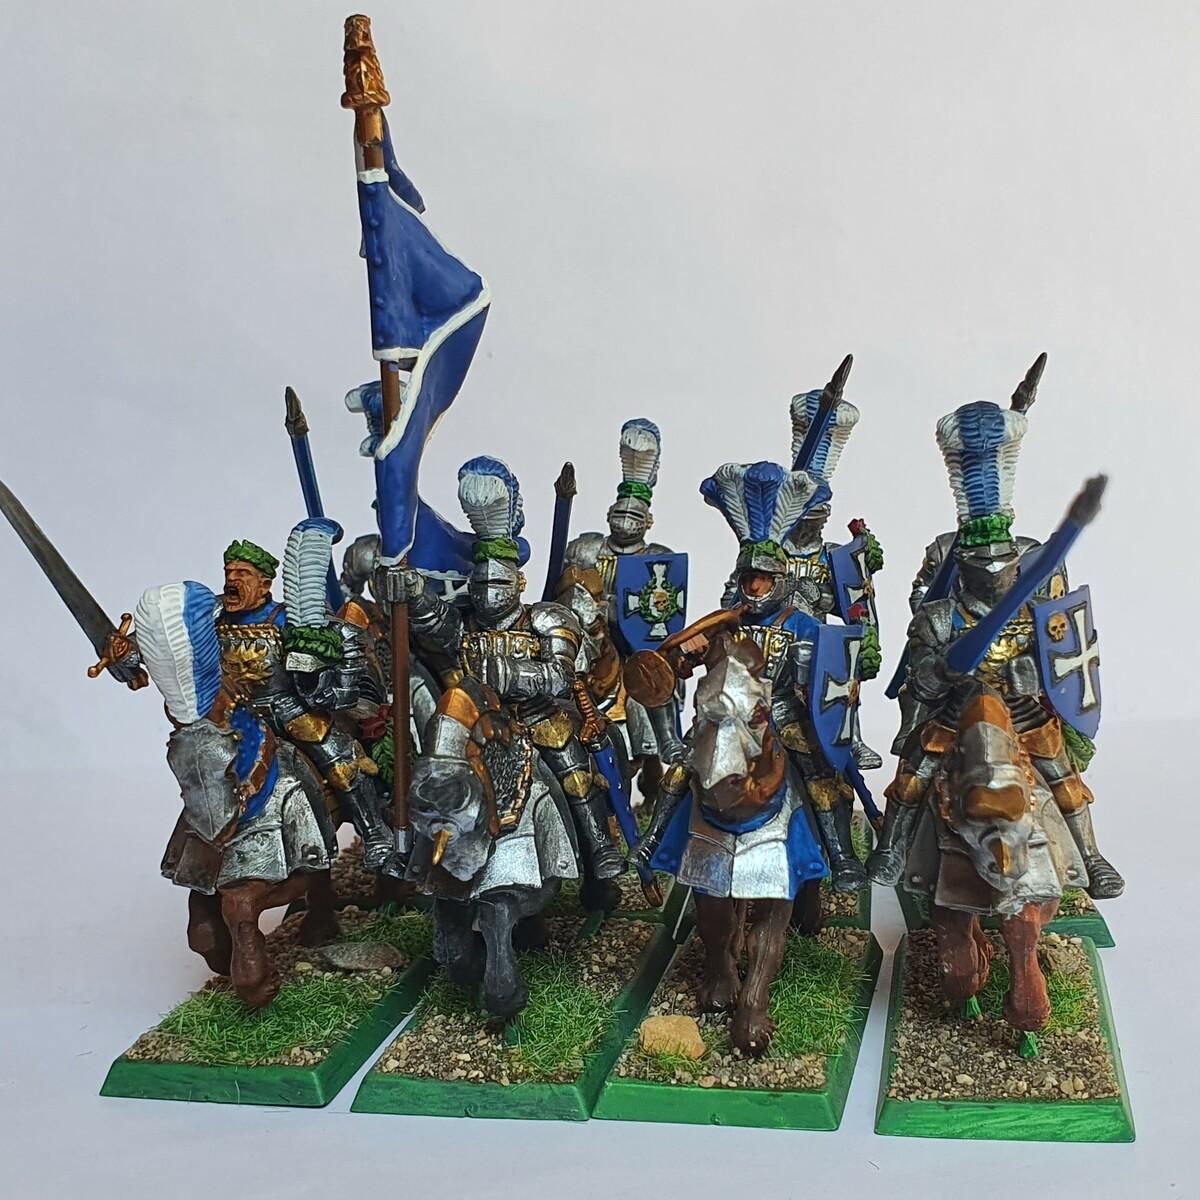 Orden de caballería del imperio: Reiksguard